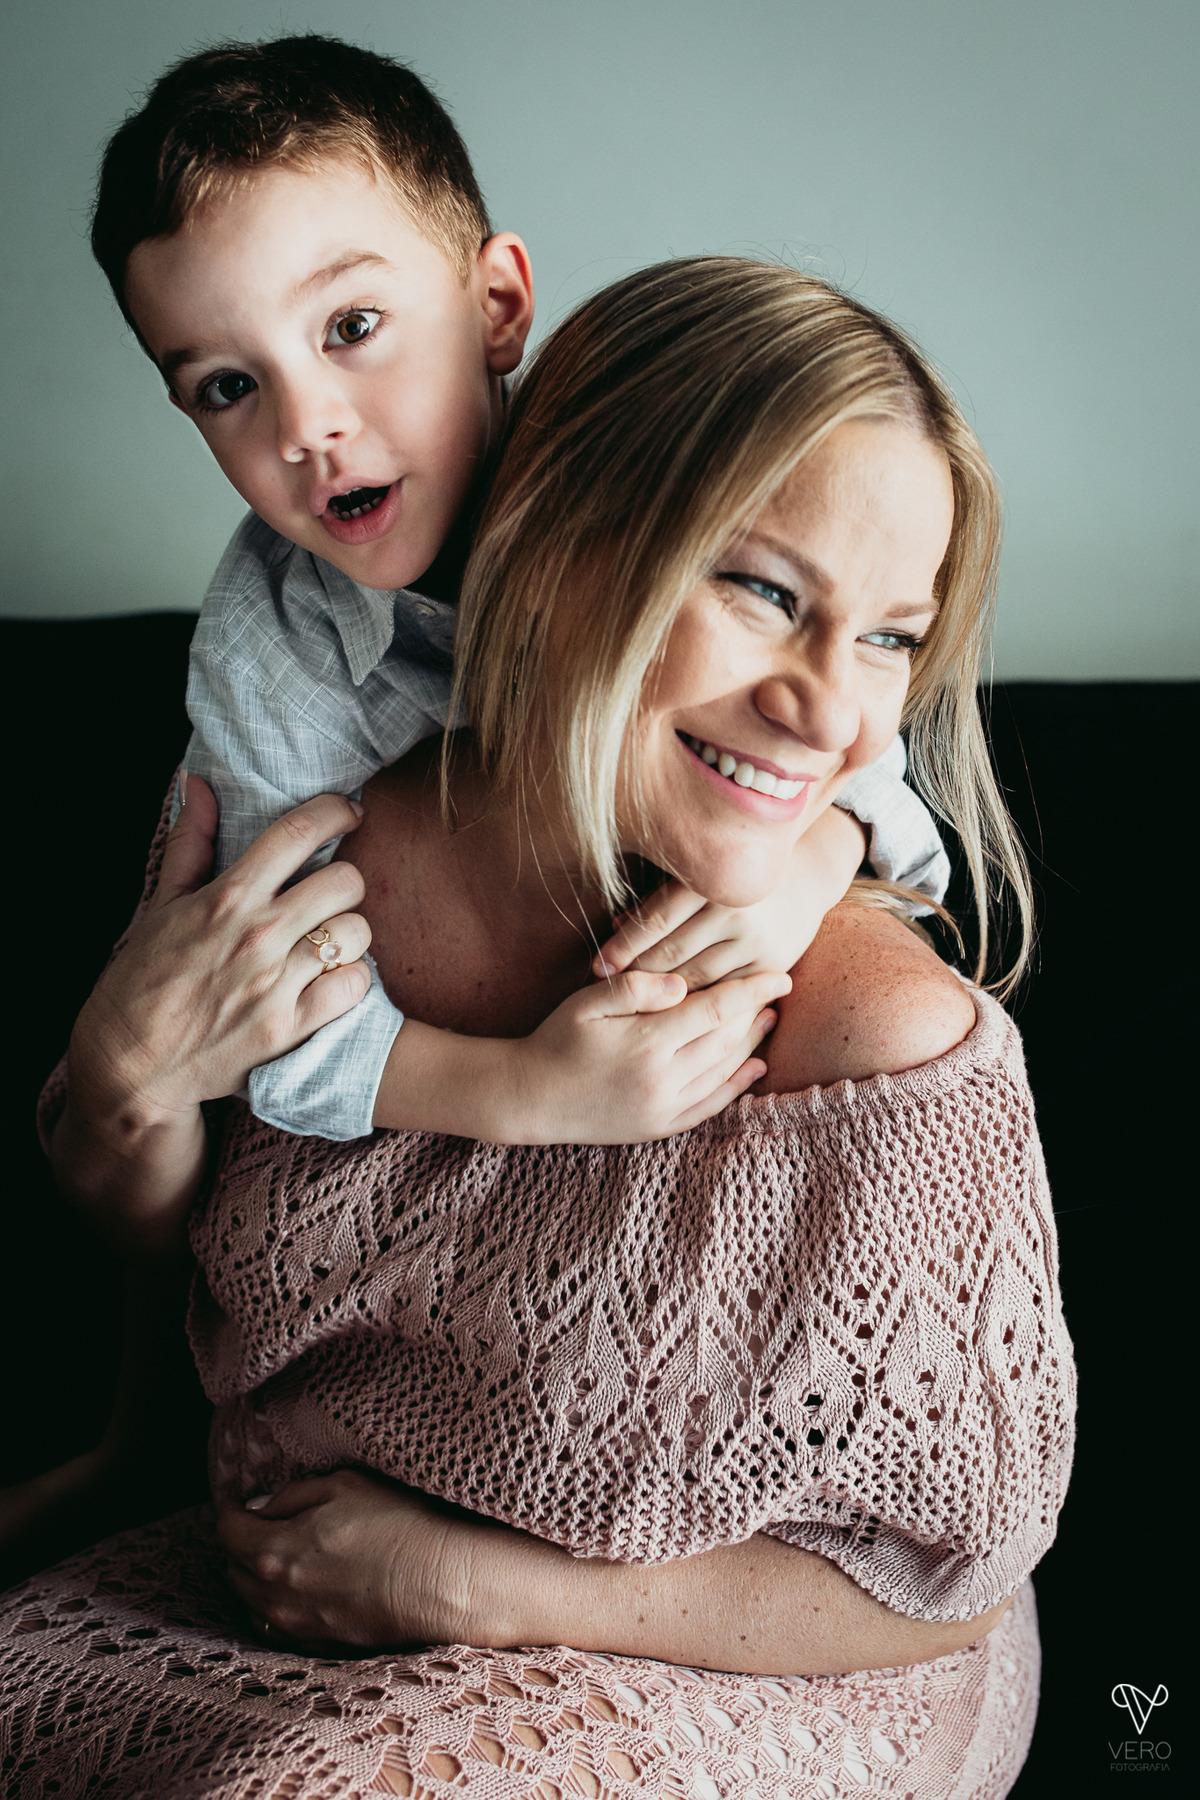 Filho abraça a mãe gestante no sofá da casa